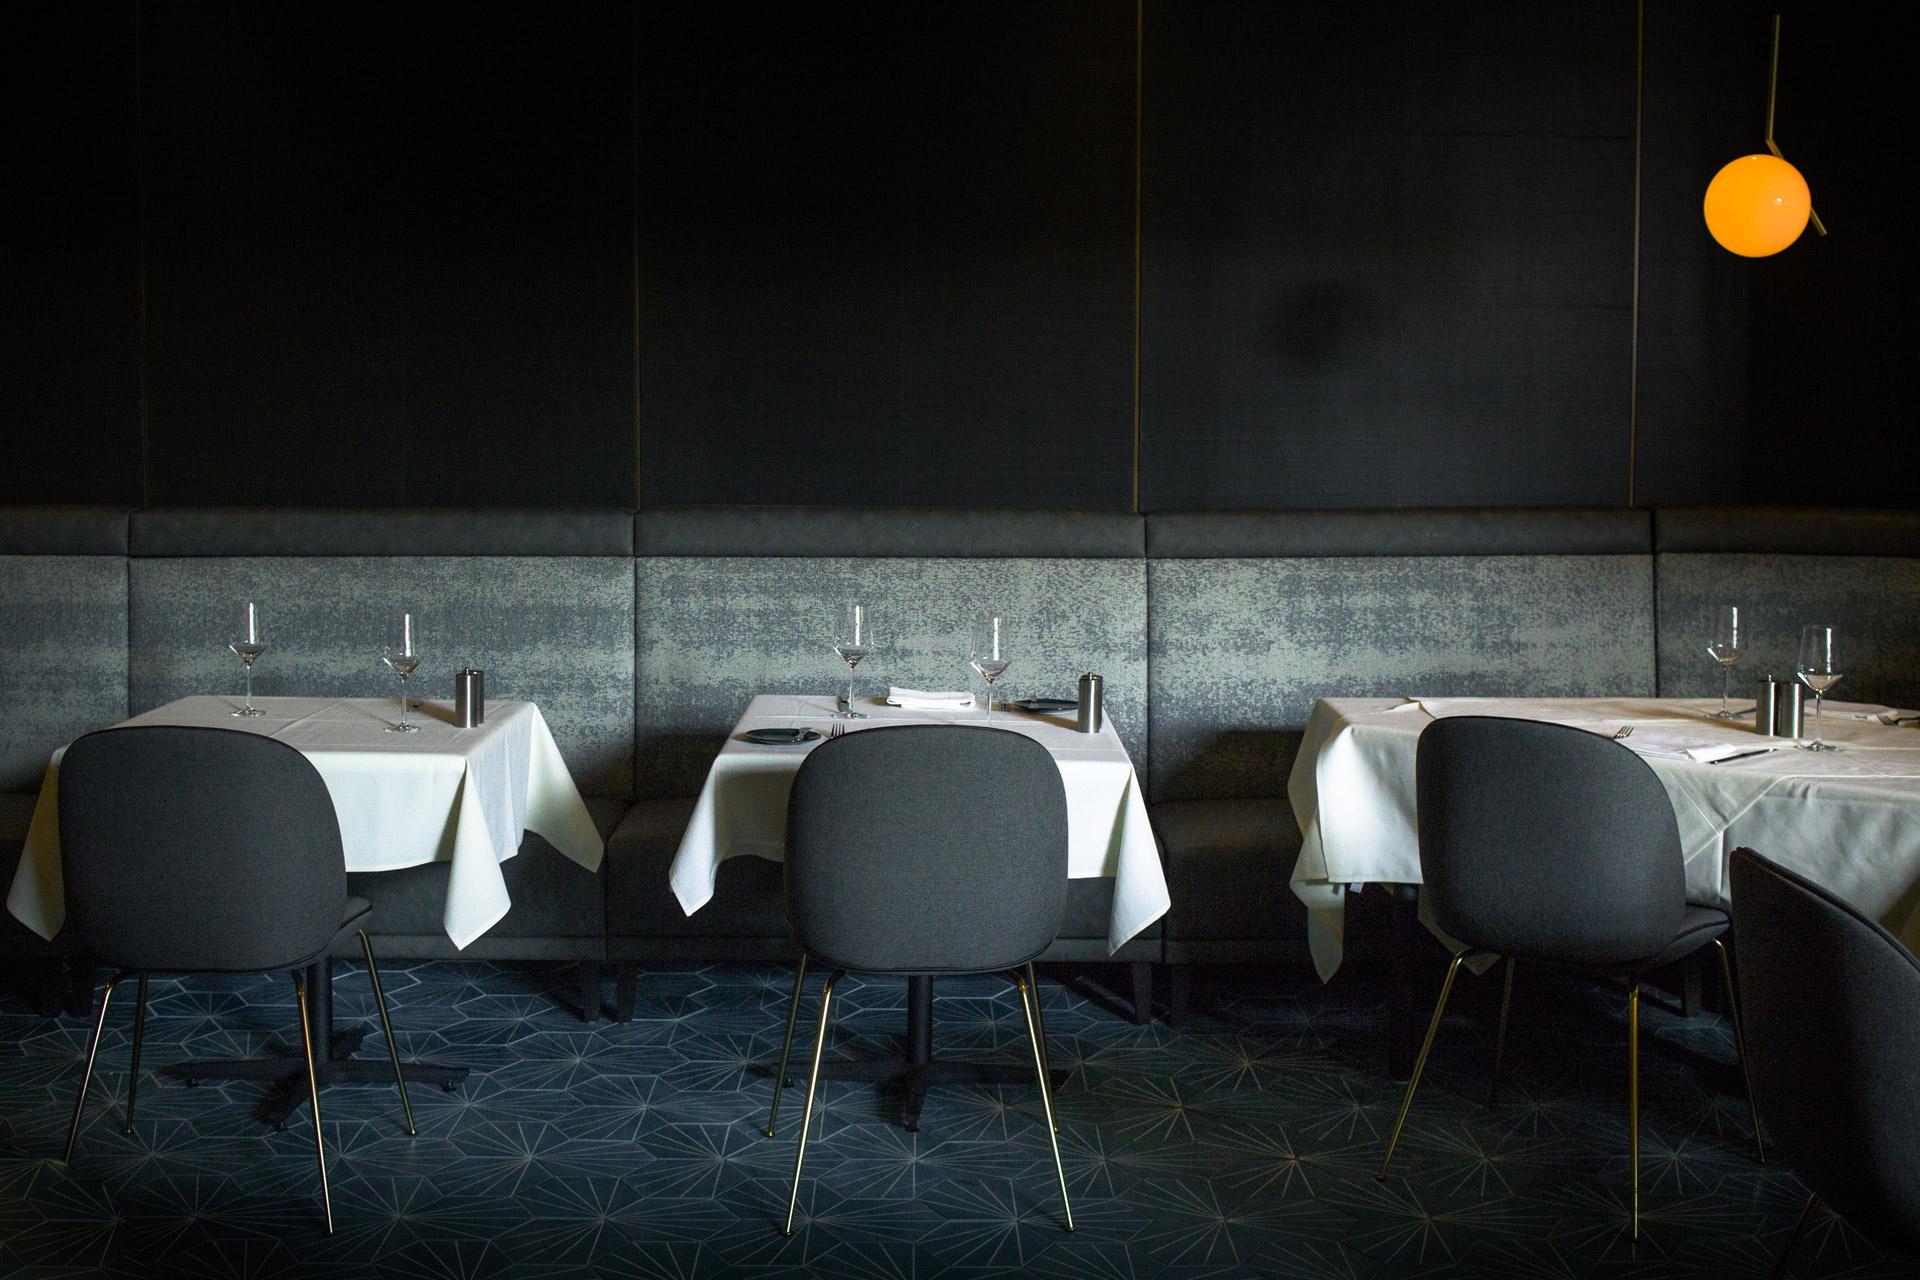 Volta restaurant interiors